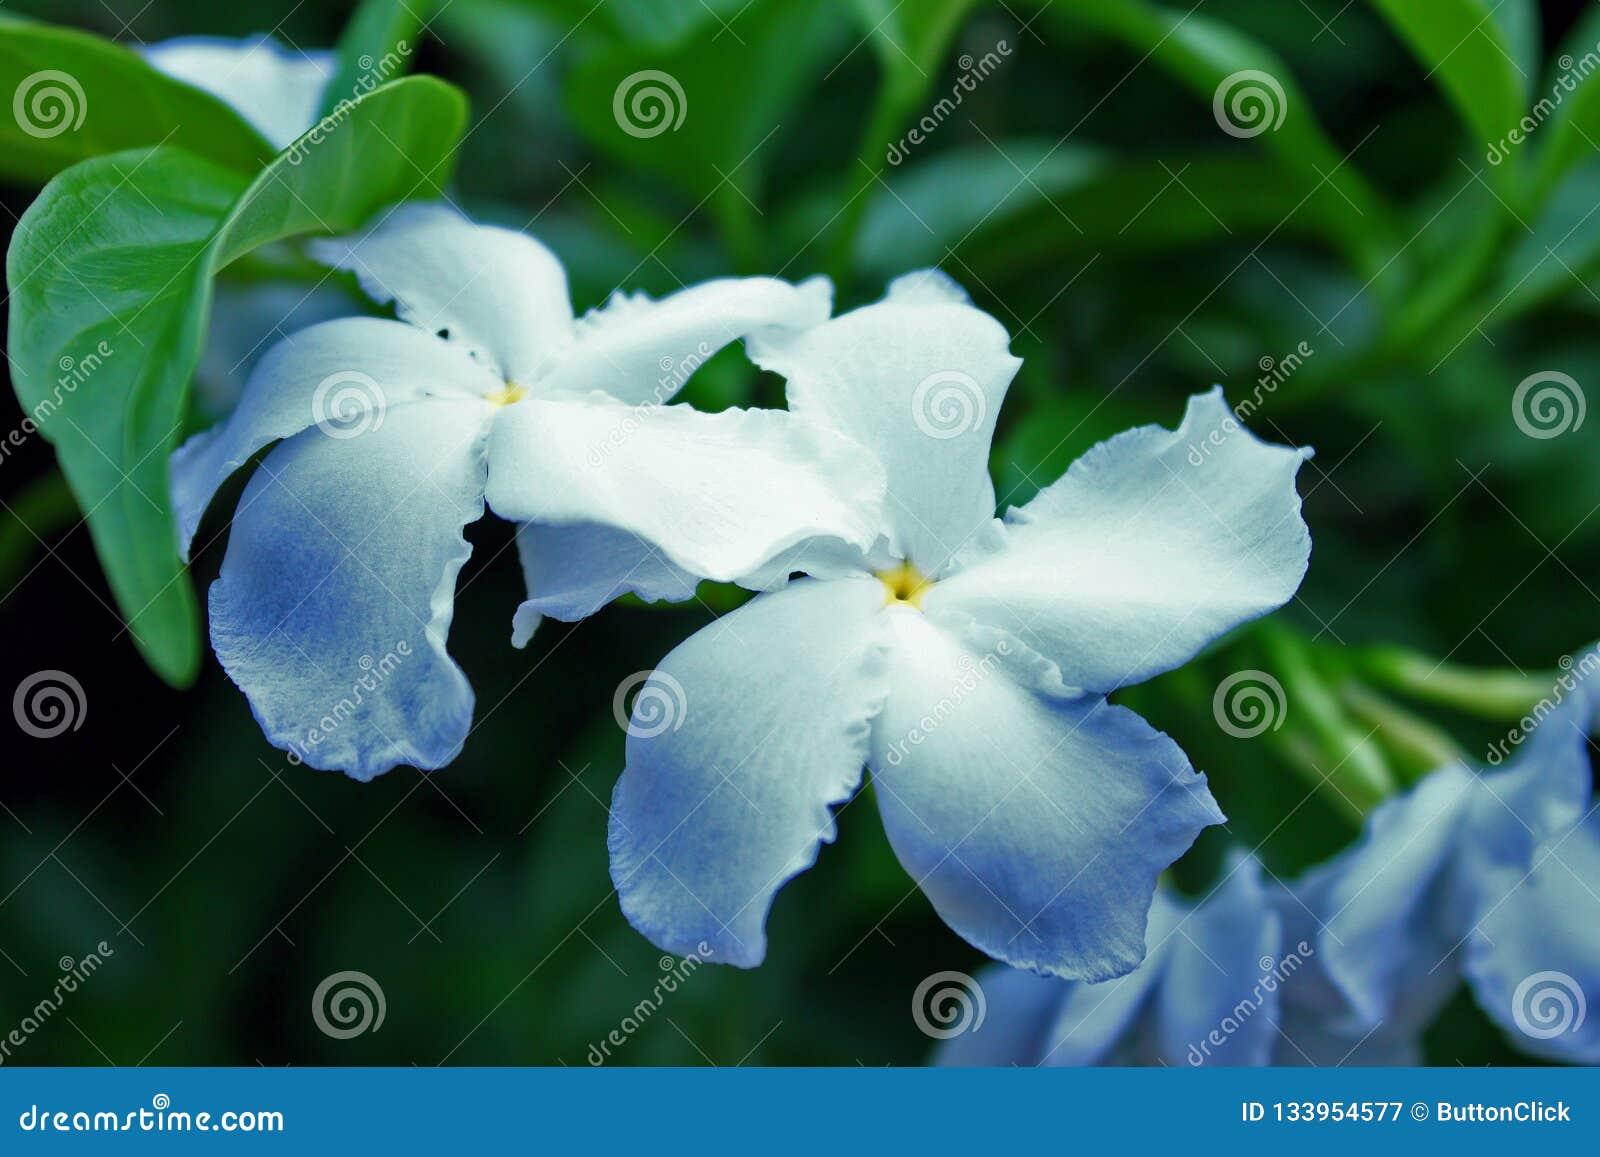 Fondo borroso apacible de la flor blanca del bígaro